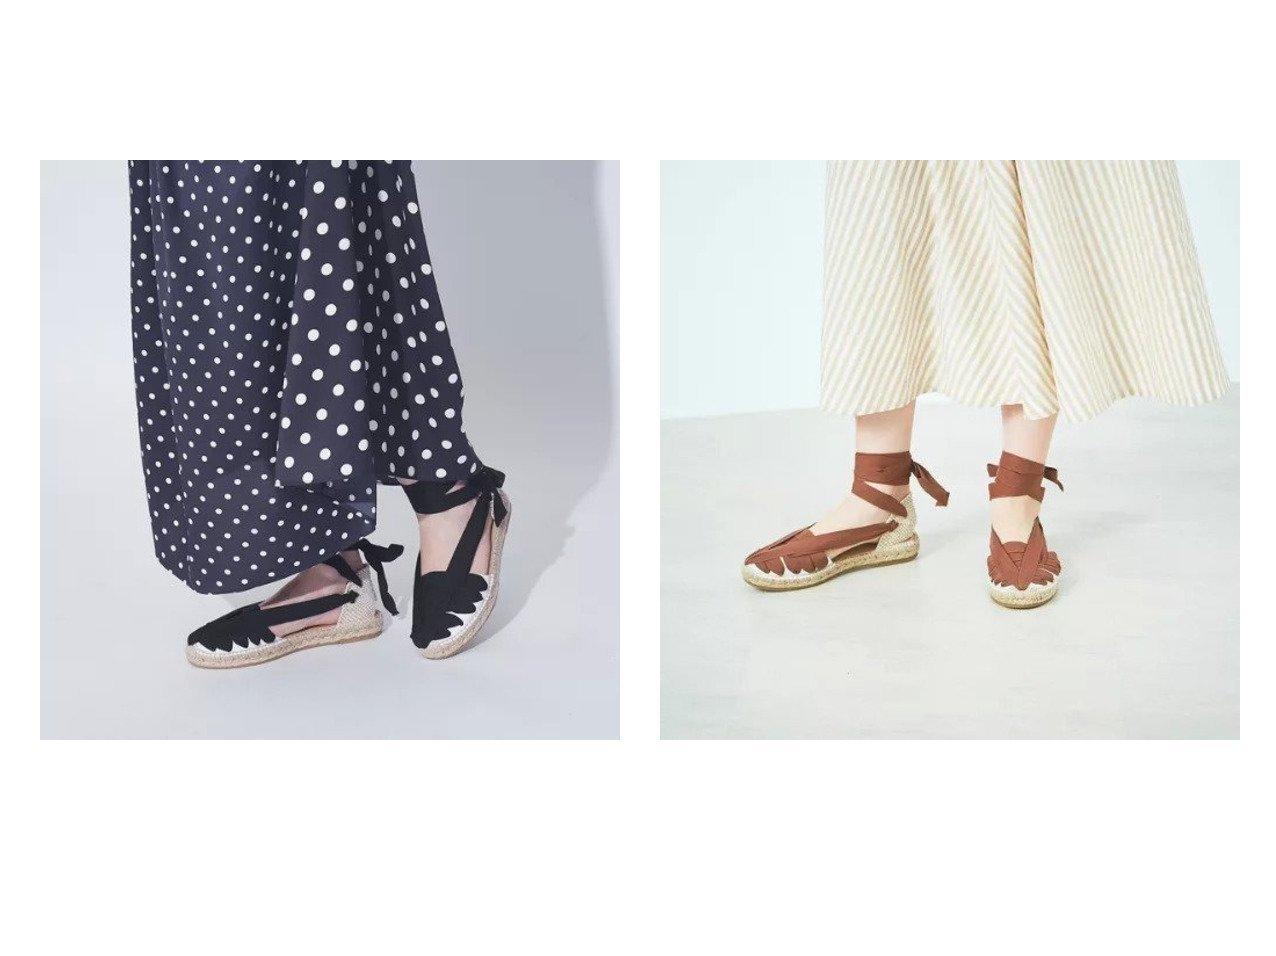 【Rouge vif/ルージュ ヴィフ】の【LA MANUAL ALPARGATERA 】レースアップサンダル 【シューズ・靴】おすすめ!人気トレンド・レディースファッション通販 おすすめで人気の流行・トレンド、ファッションの通販商品 インテリア・家具・メンズファッション・キッズファッション・レディースファッション・服の通販 founy(ファニー) https://founy.com/ ファッション Fashion レディースファッション WOMEN コレクション サンダル シューズ ハンド バスク レース |ID:crp329100000046509